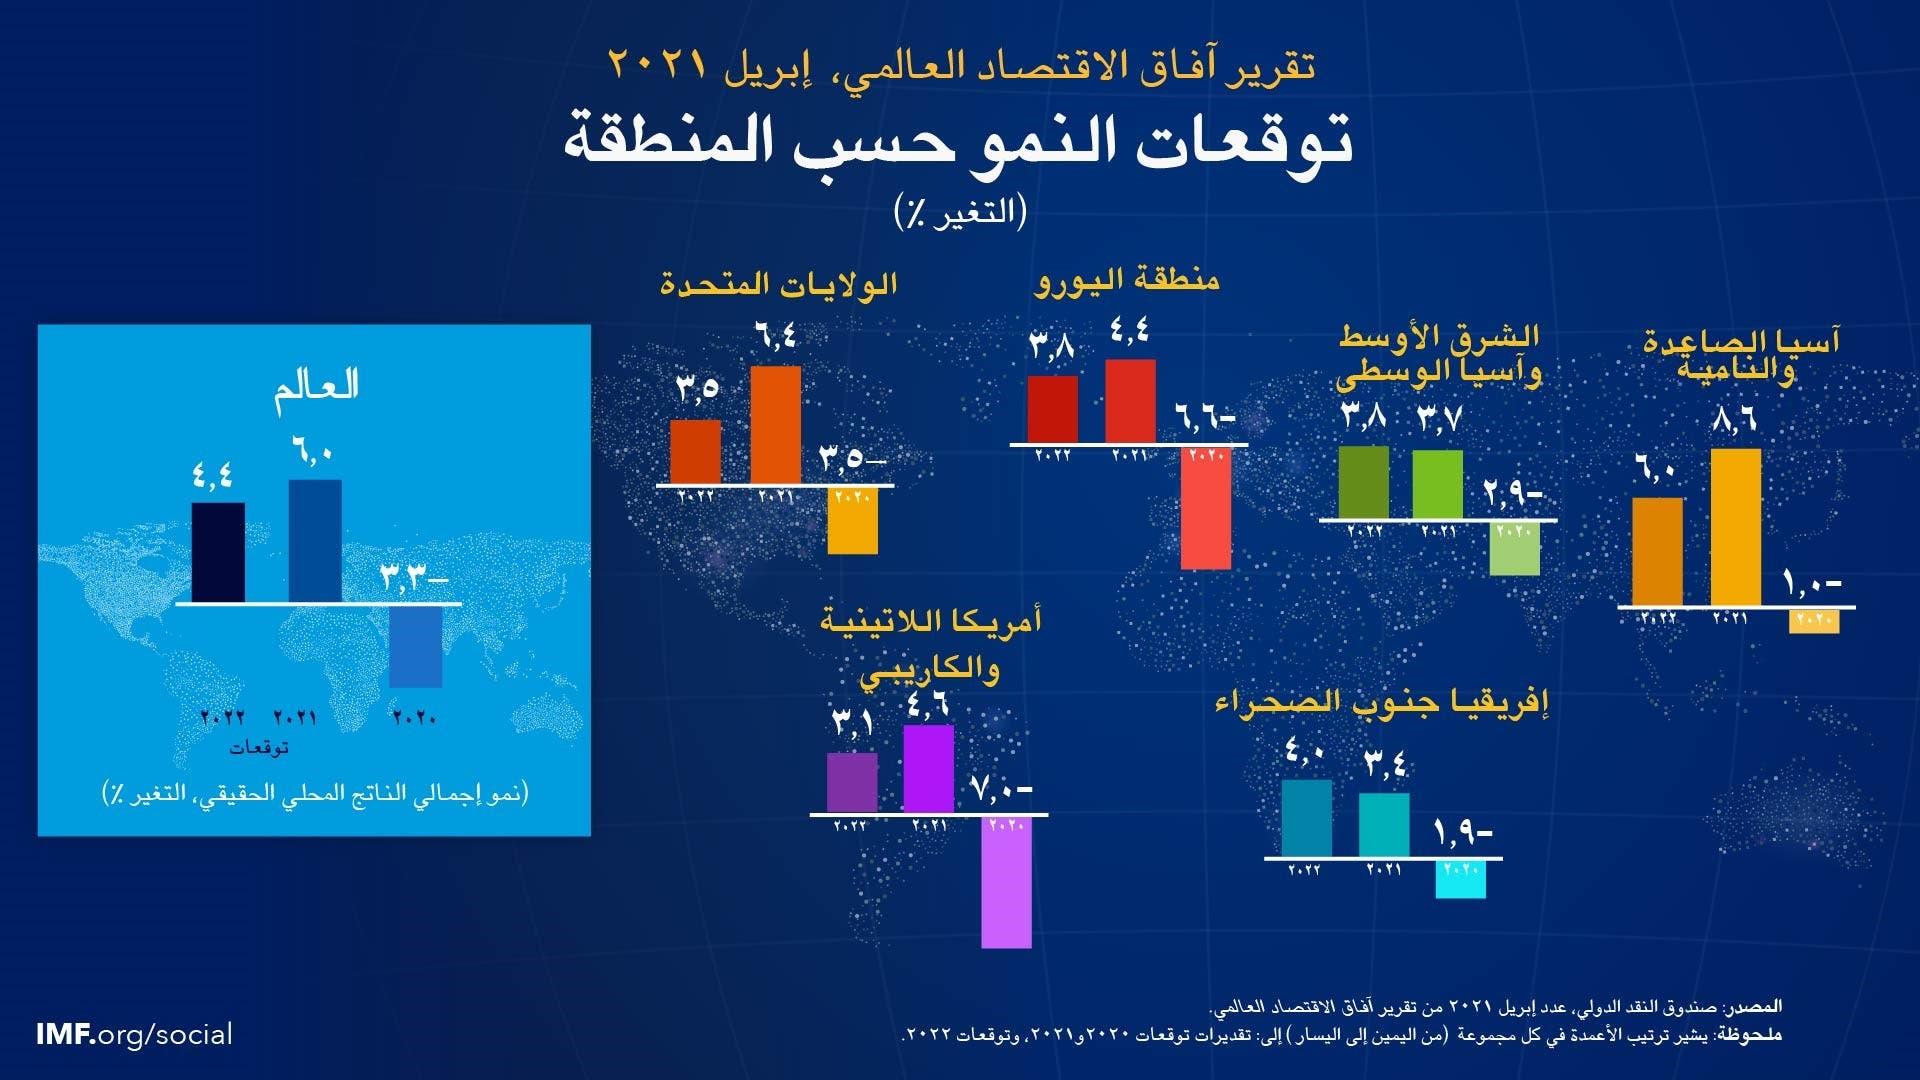 توقعات صندوق النقد الدولي حسب المنطقة